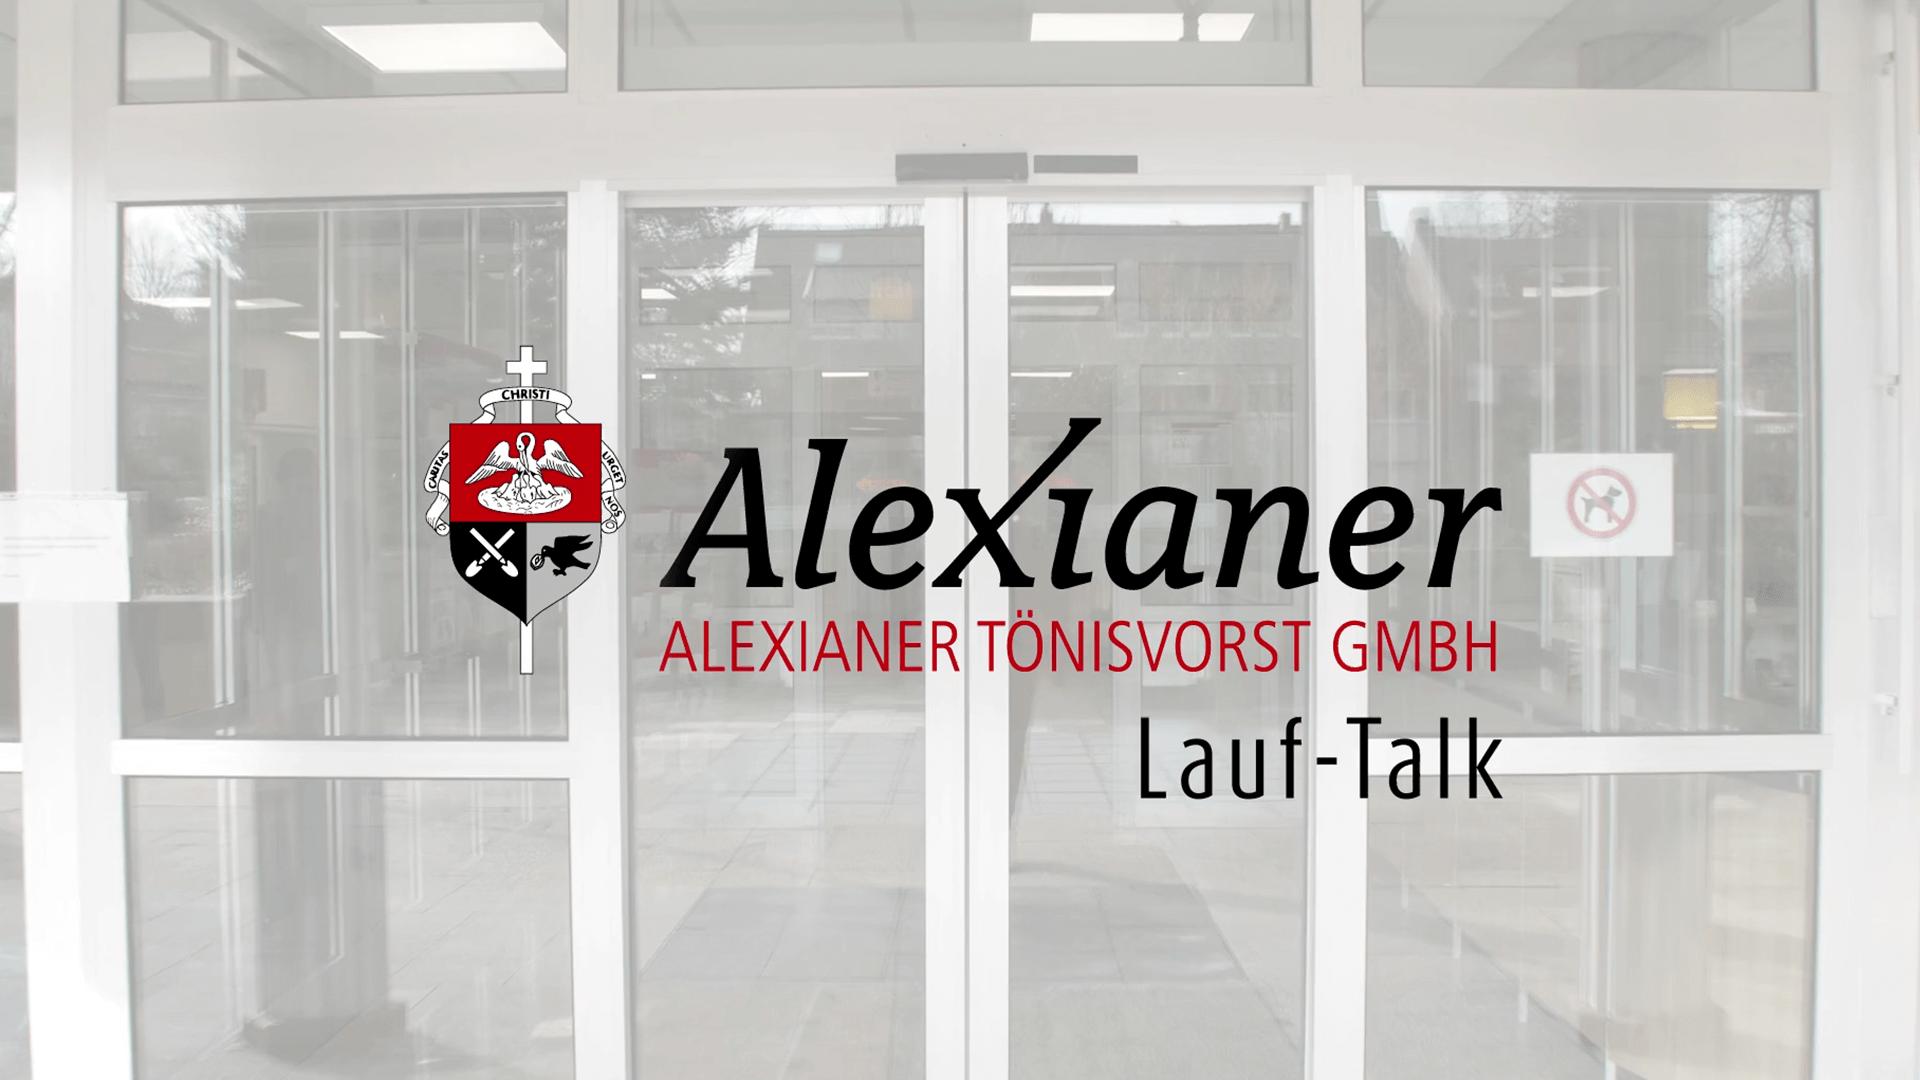 Alexianer Lauf-Talk